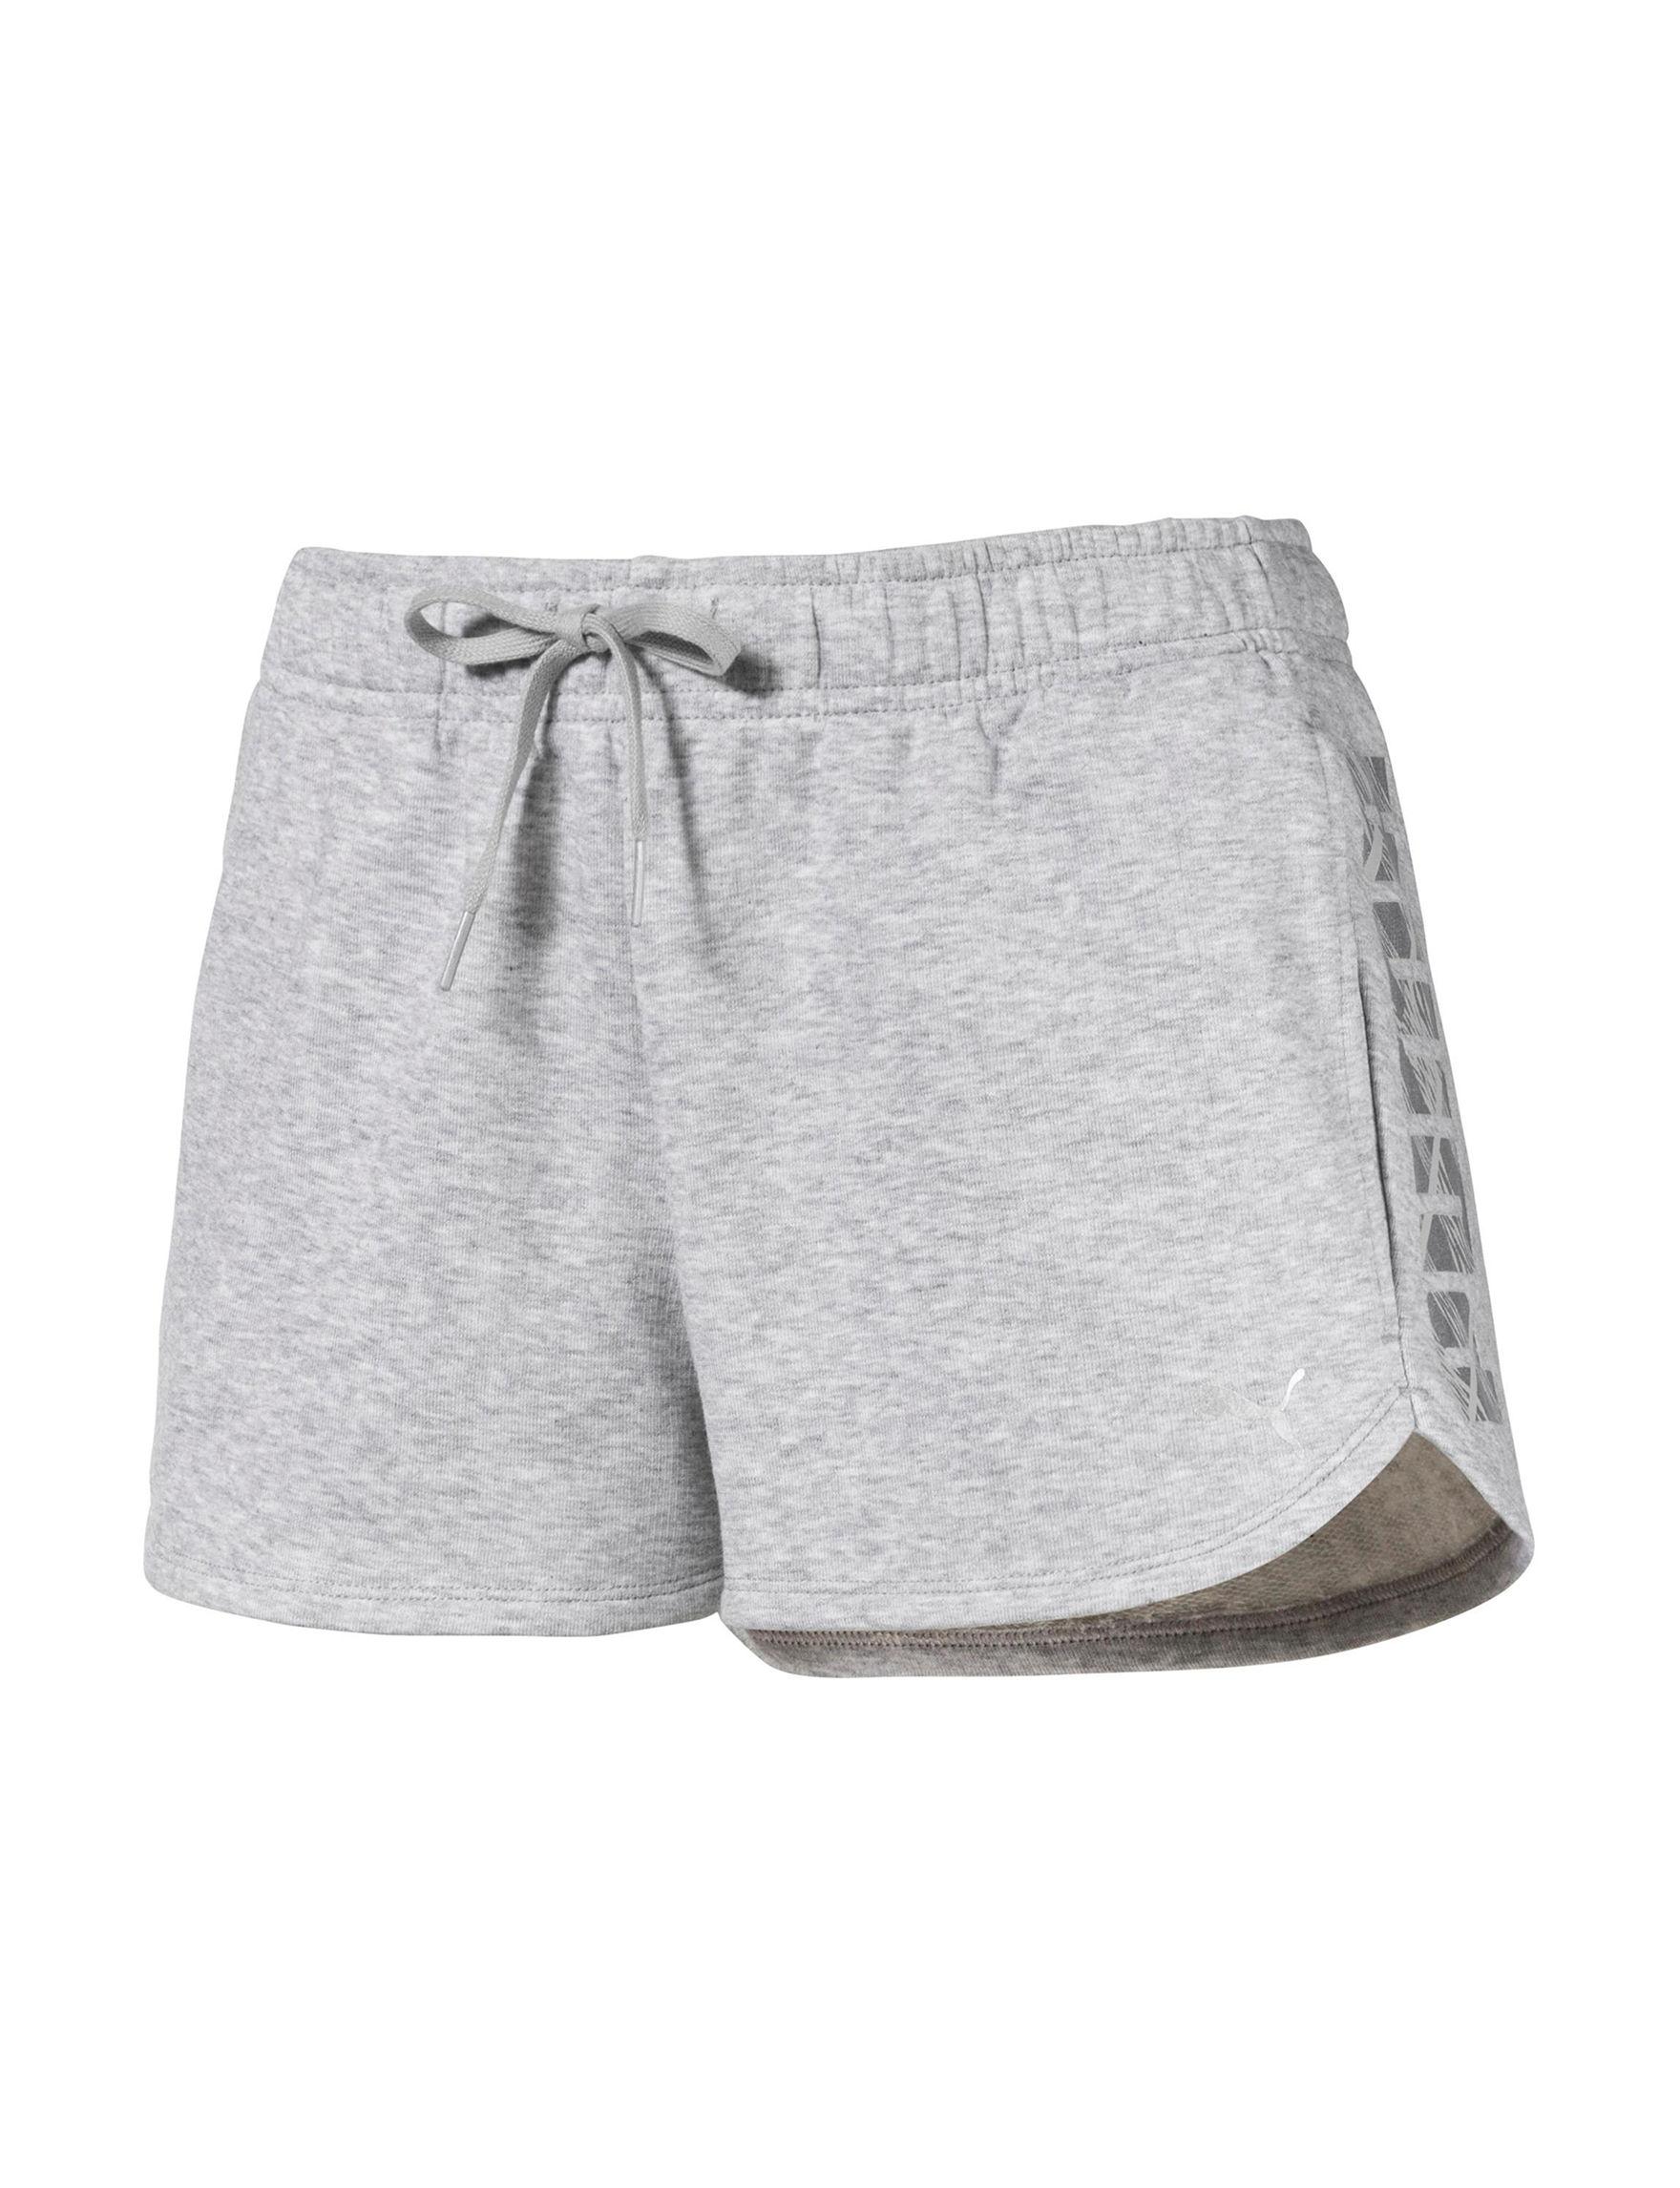 Puma Grey Soft Shorts